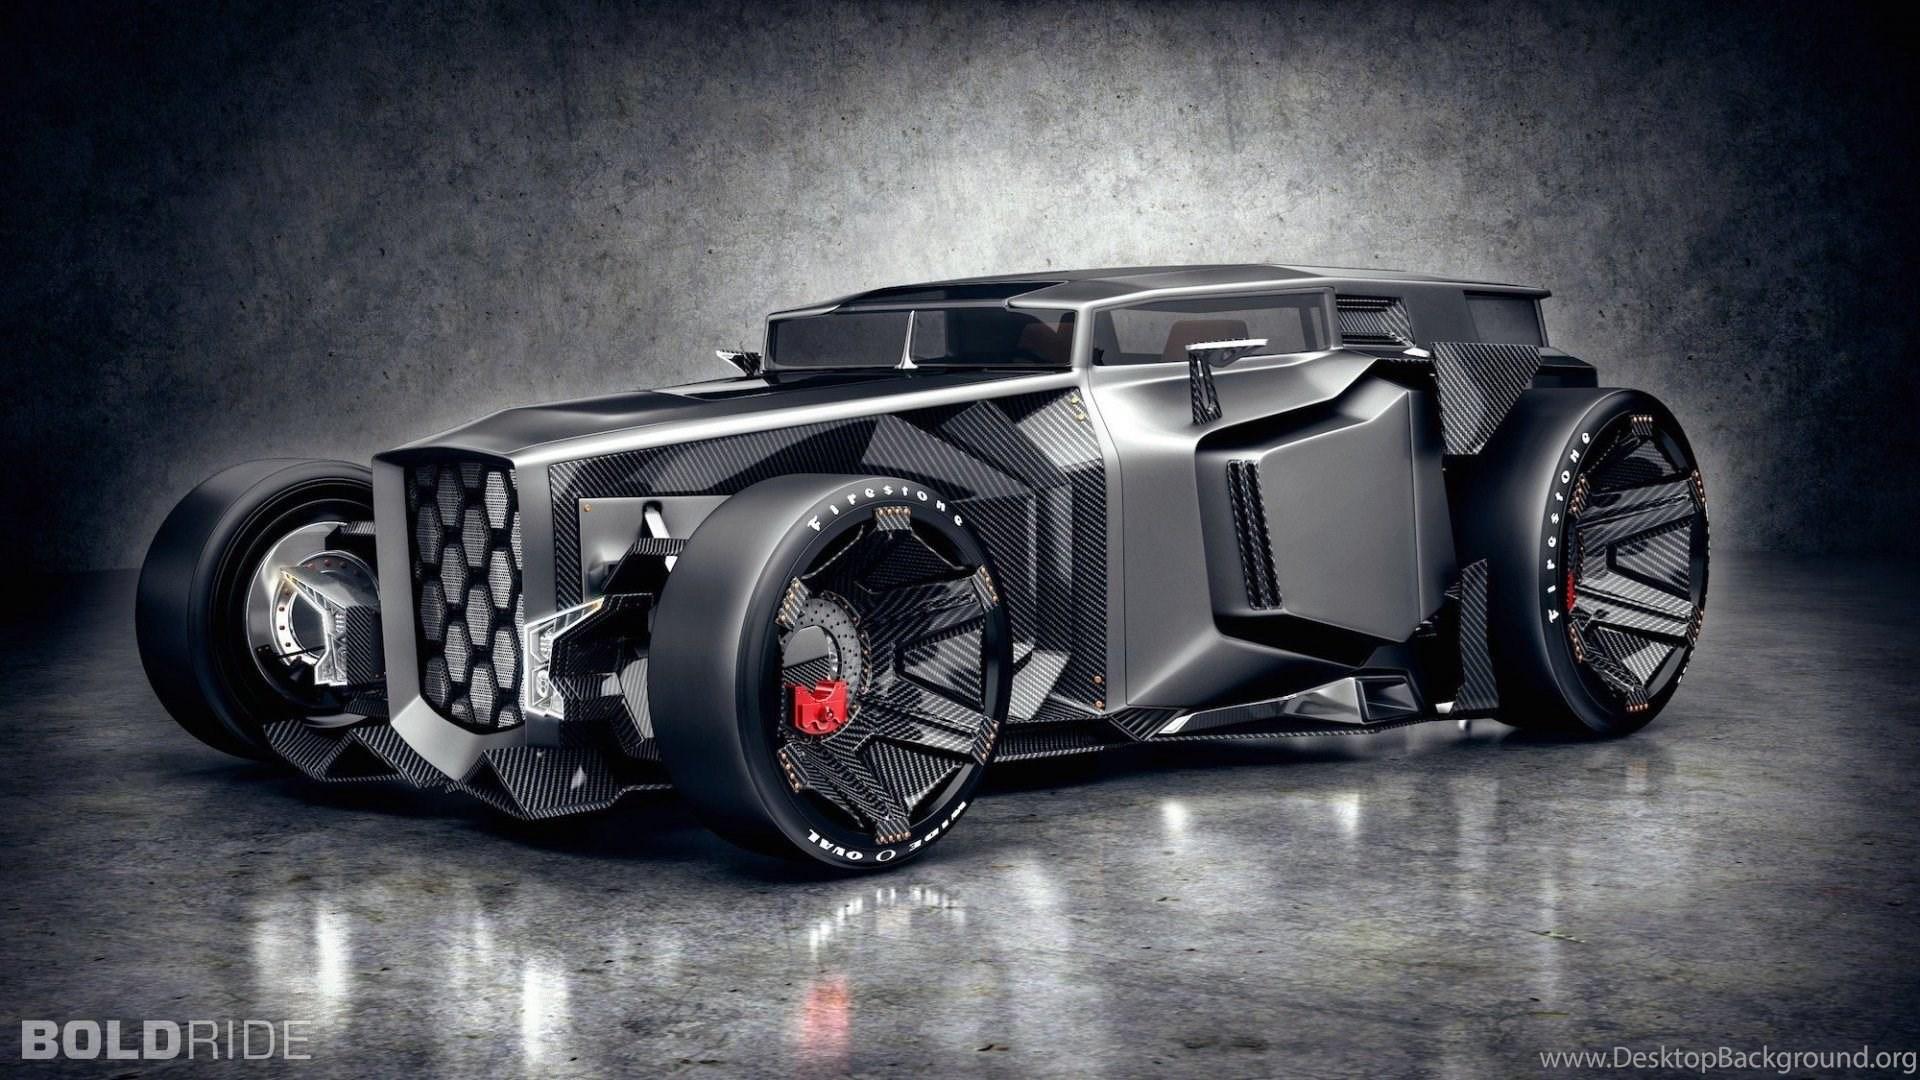 Rat Rod Lamborghini Car Wallpapers Hd Download Desktop Desktop Background